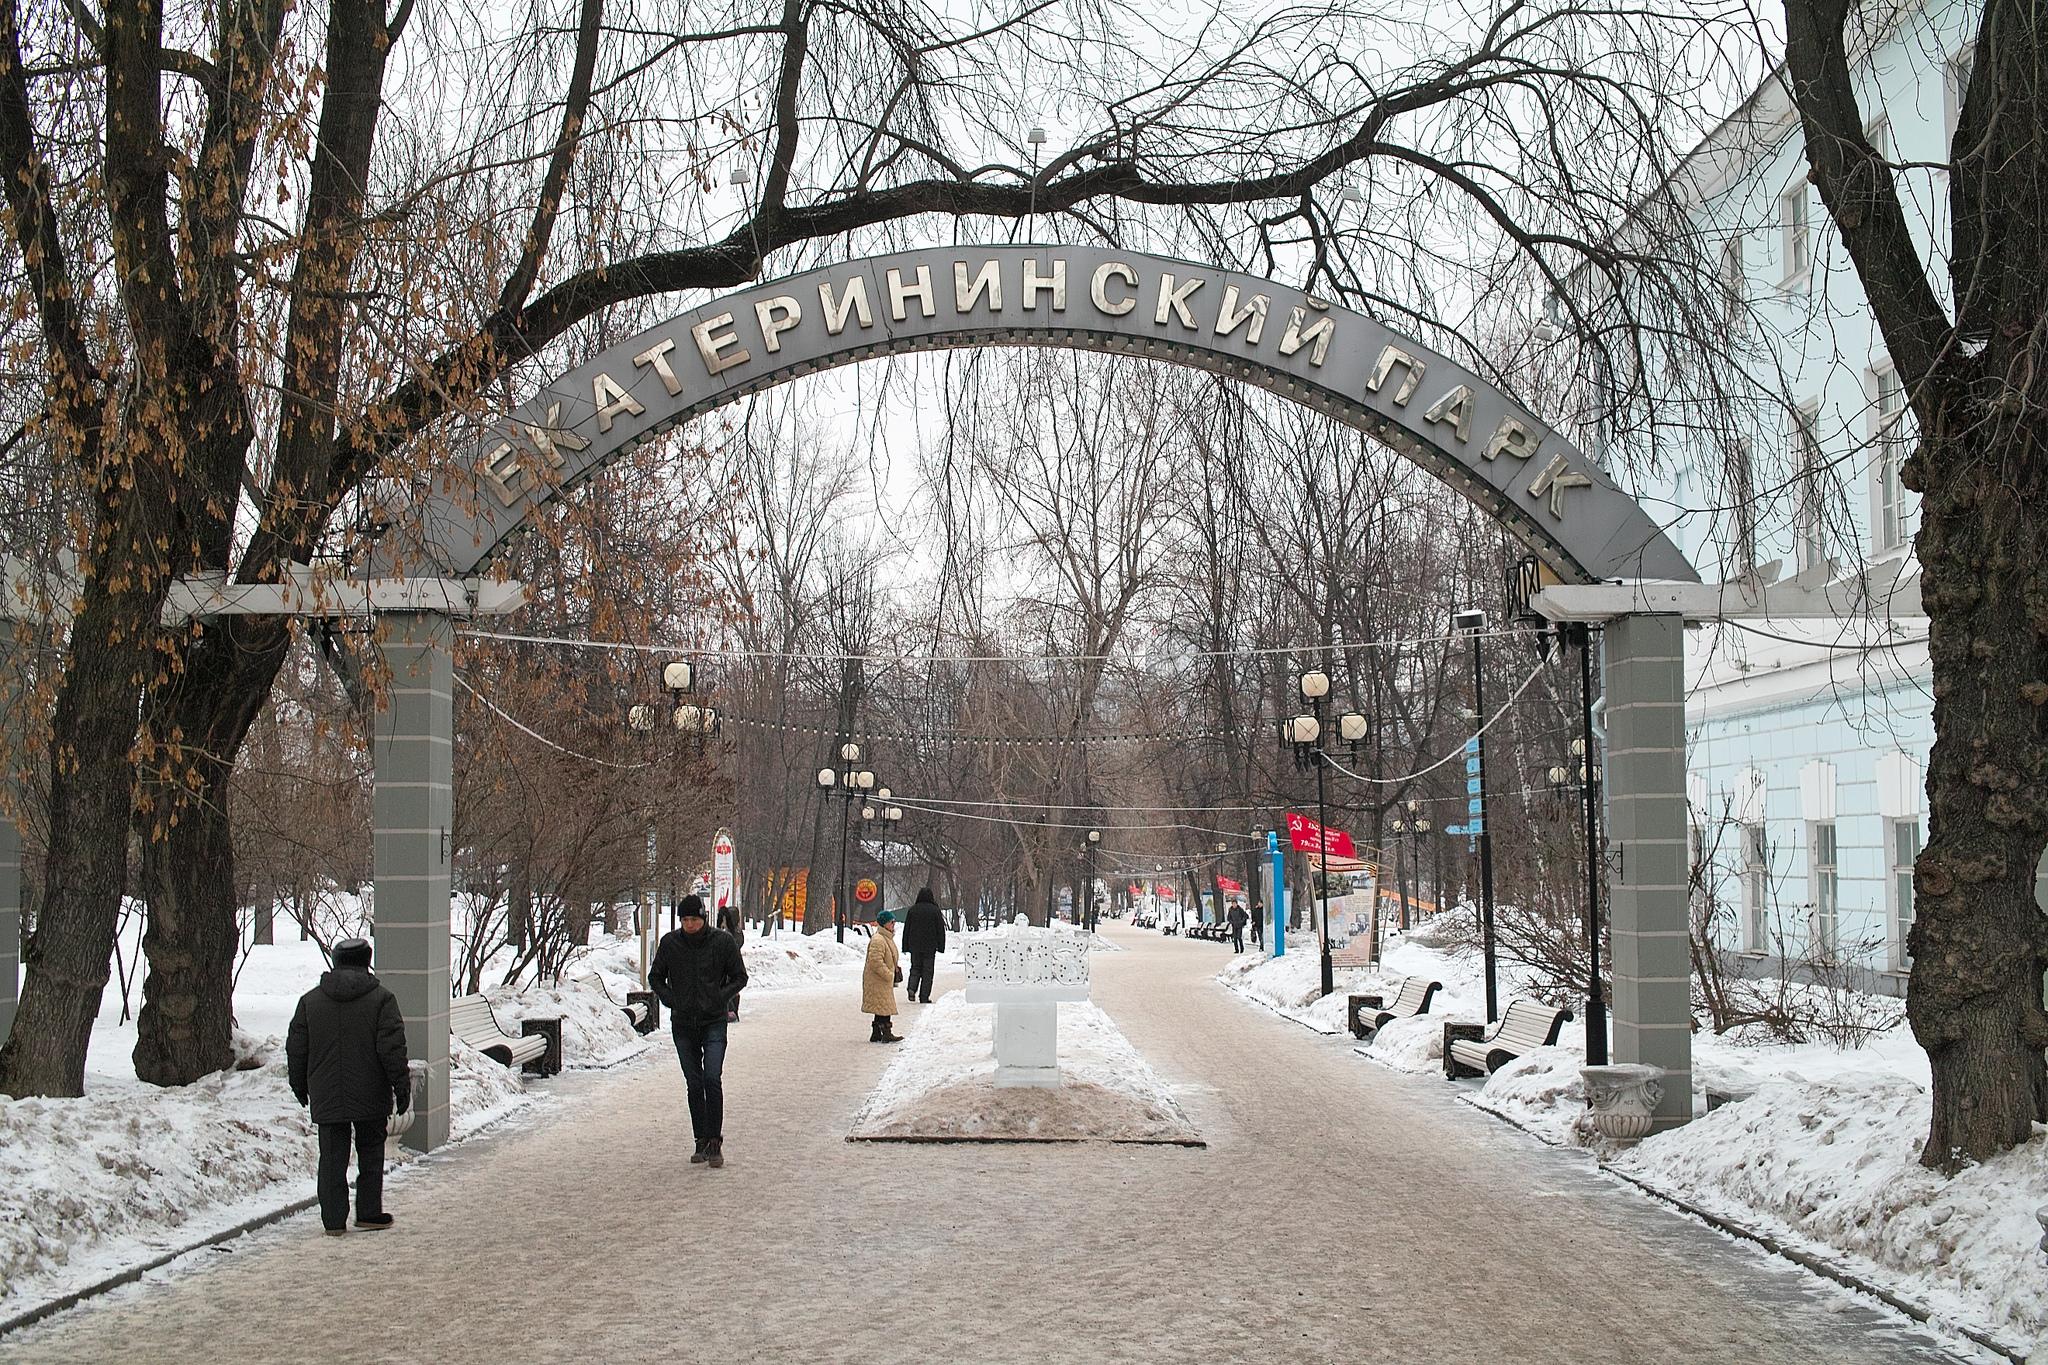 Екатерининский парк в Москве — подробное описание, адрес и фото 3cd738153fa